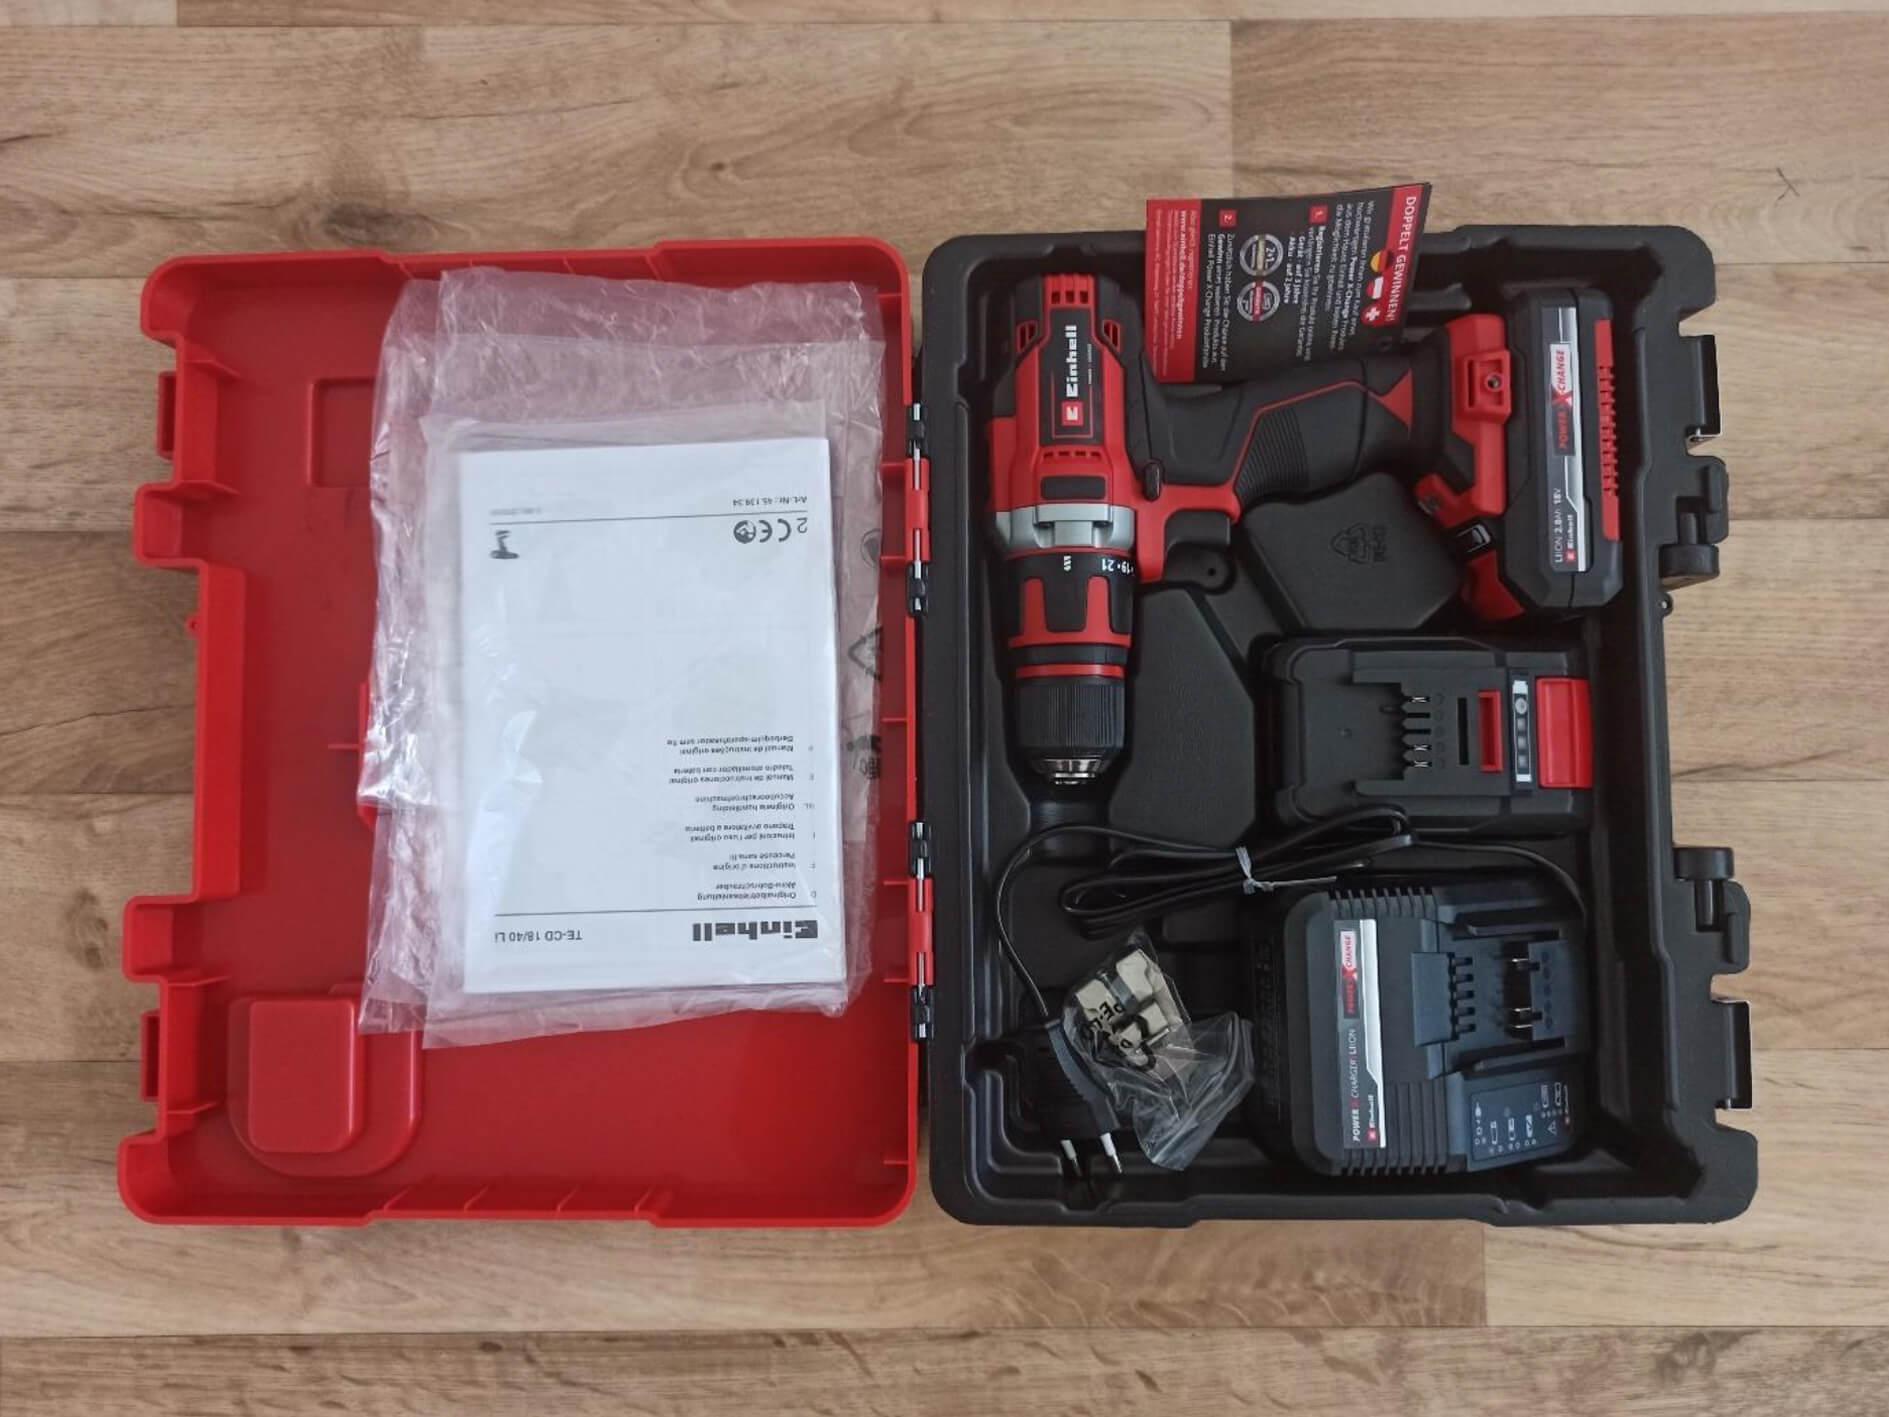 Einhell_Bohrschrauber-Set_TE-CD_18-40_Transportkoffer_geoeffnet_Bohrschrauberfach Produkttest: Einhell Bohrschrauber-Set TE-CD 18/40